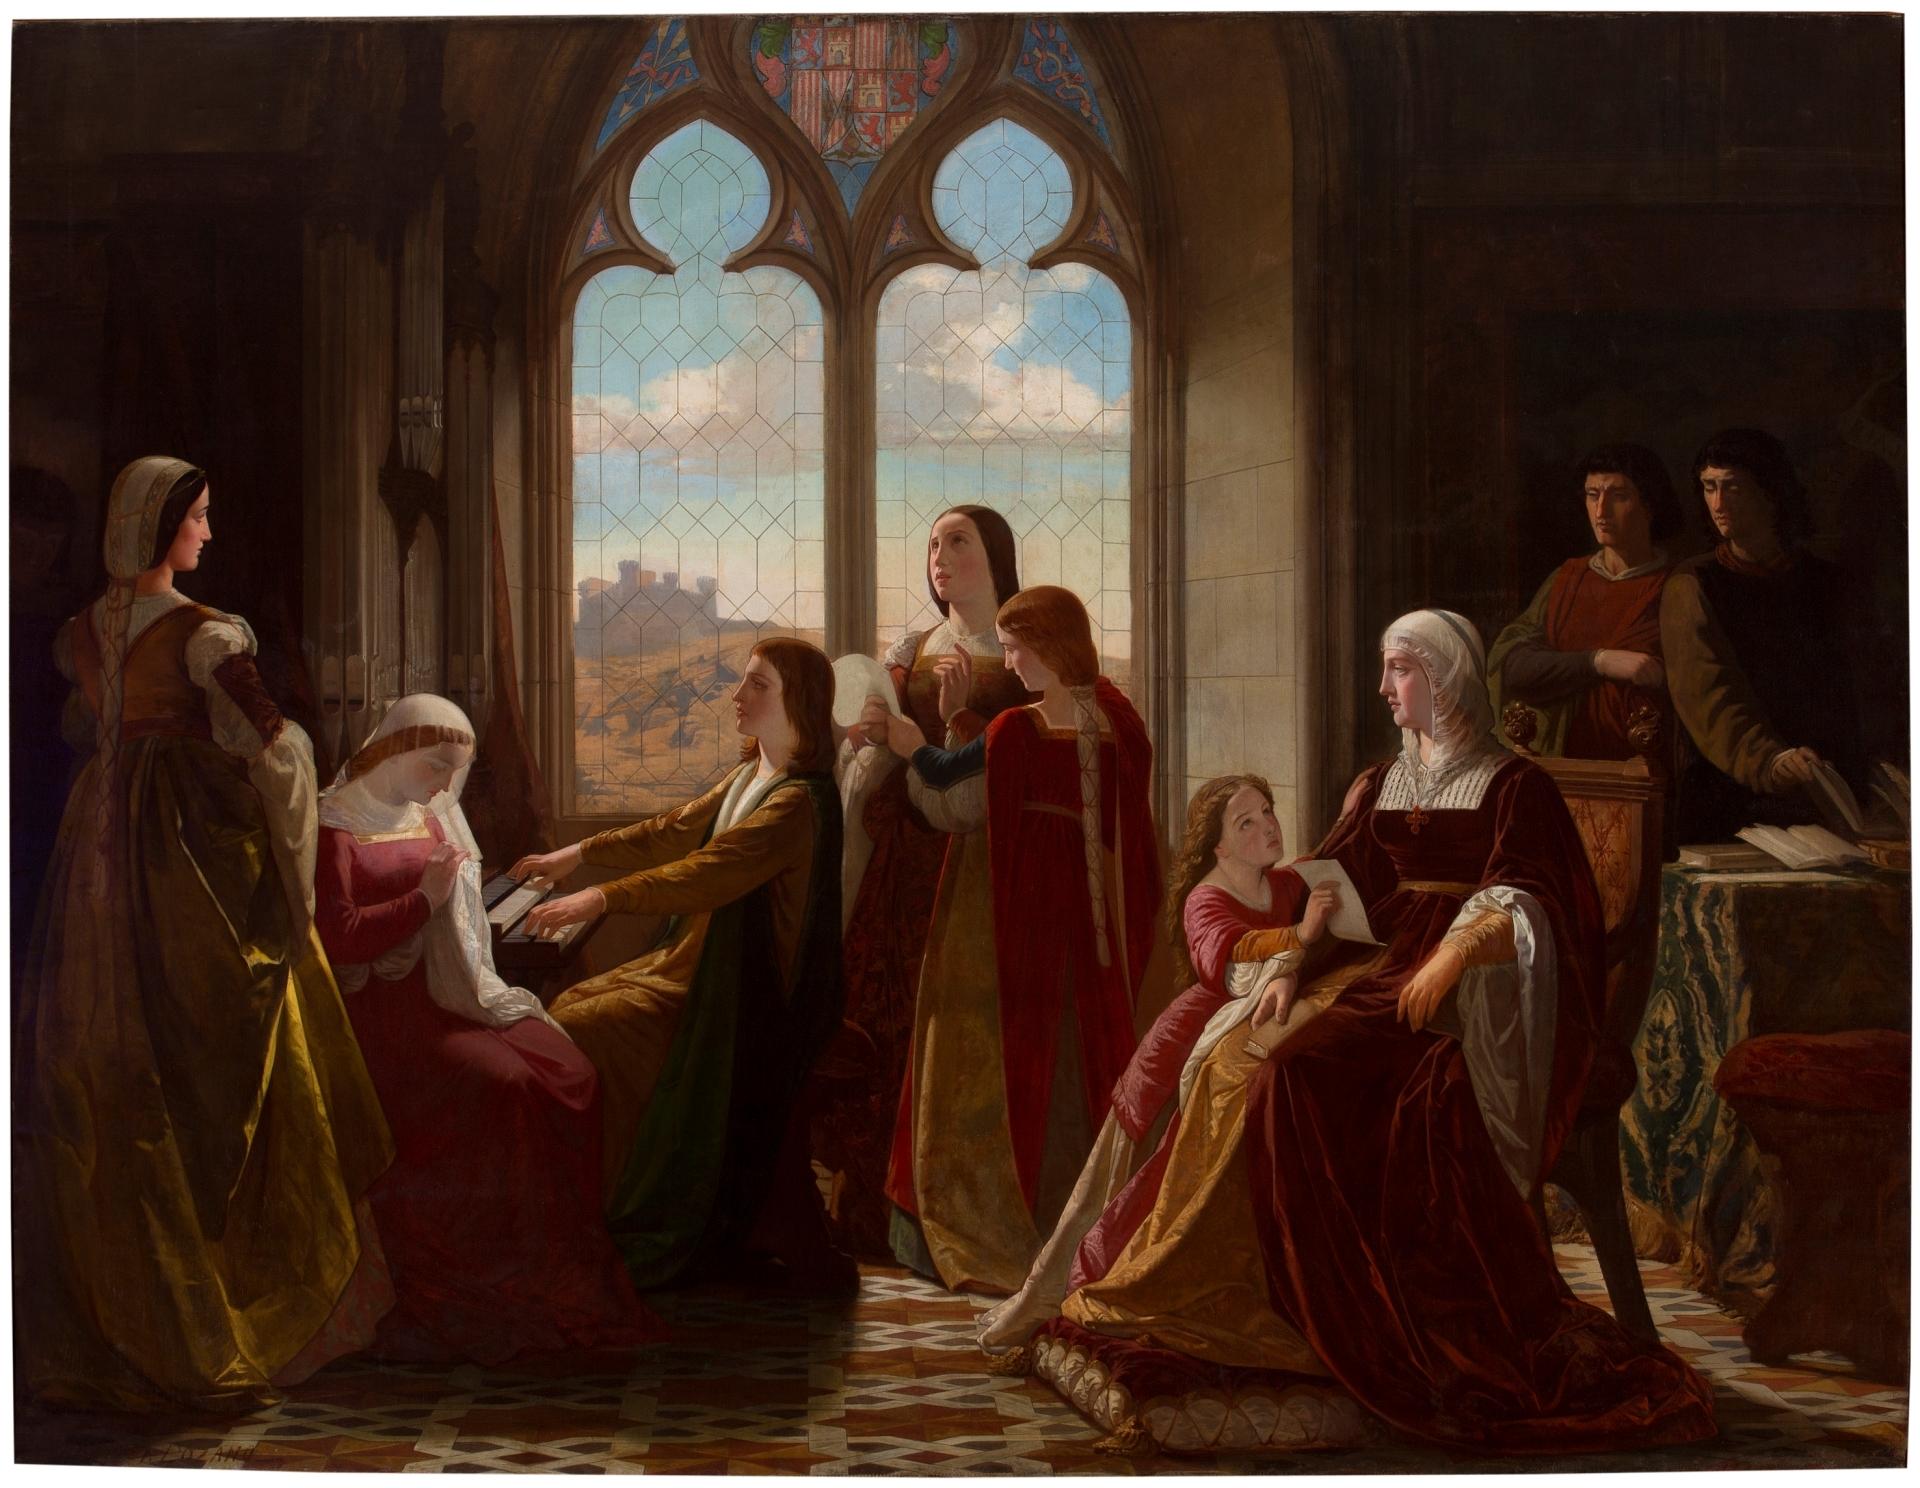 Isabel Hijos CatólicaPresidiendo Sus La Educación De Reina clK13FTJ